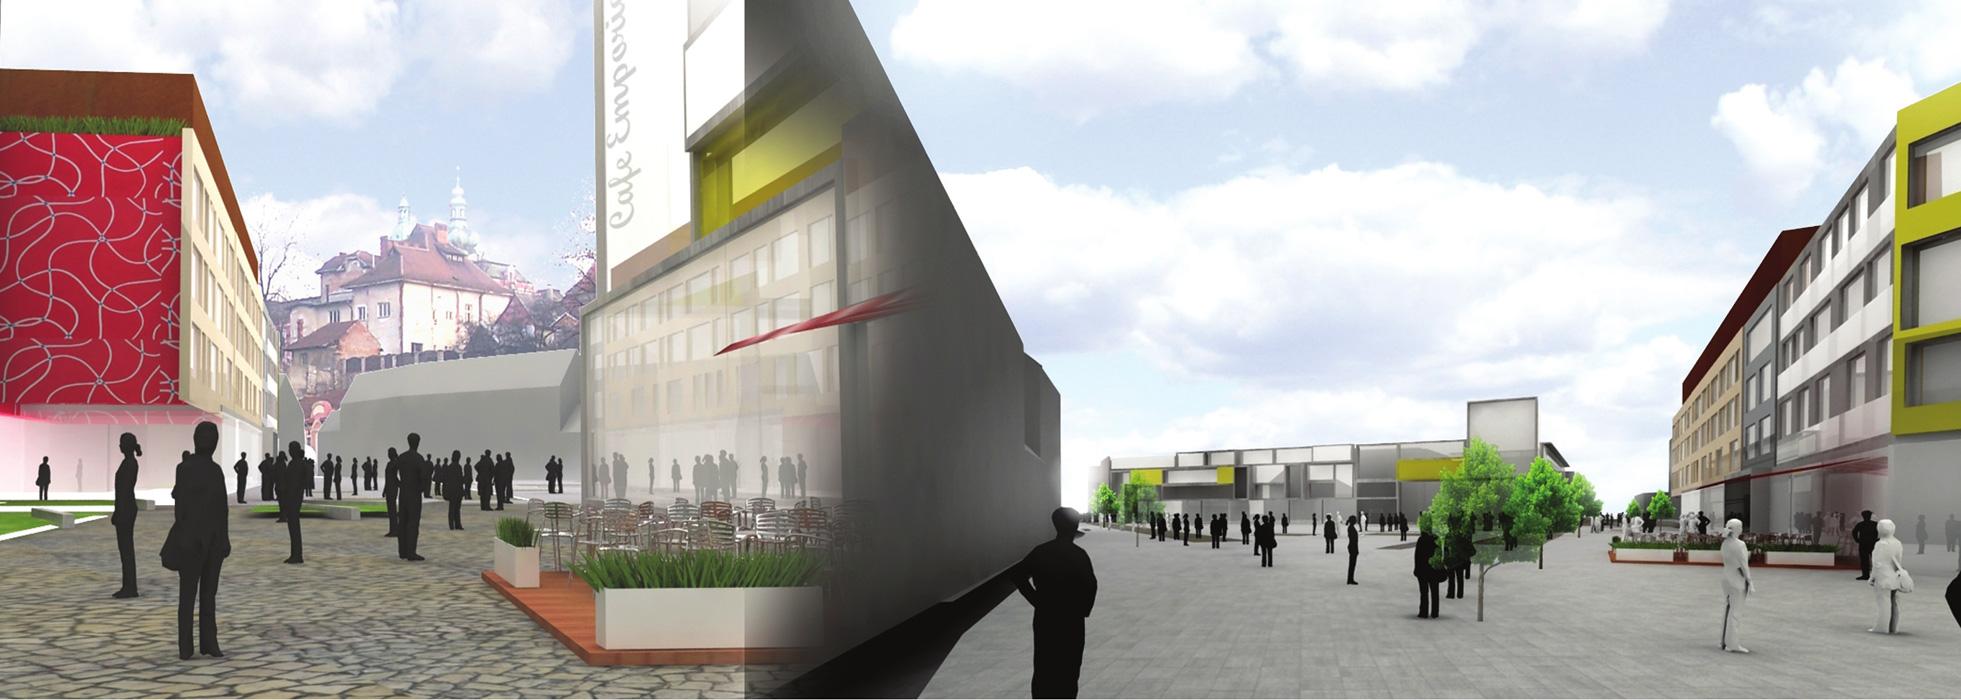 Nové náměstí Ružomberok, Slovensko - Jan Vrbka